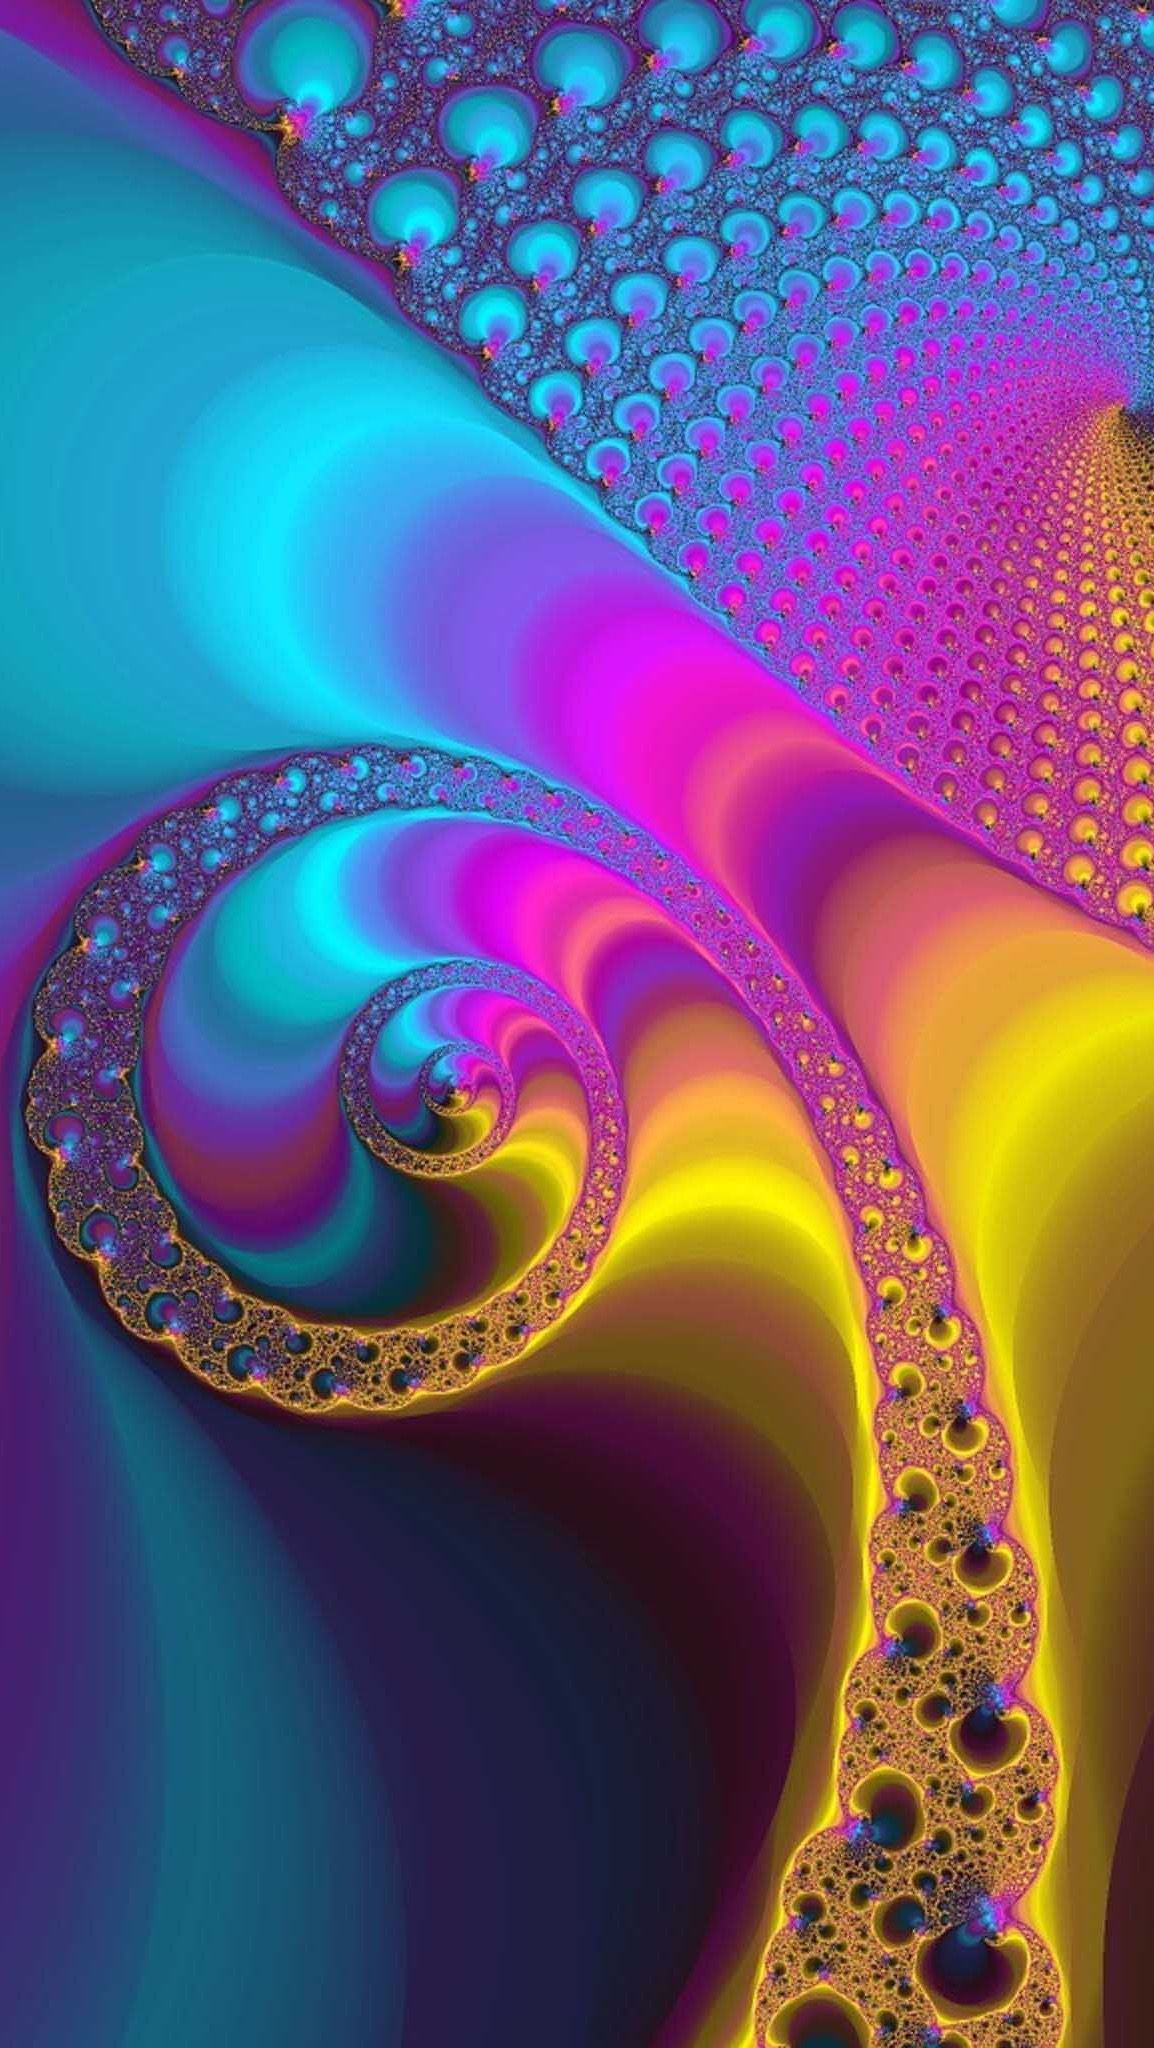 HD iPhone wallpaper Abstract Ipad wallpaper, Fractals